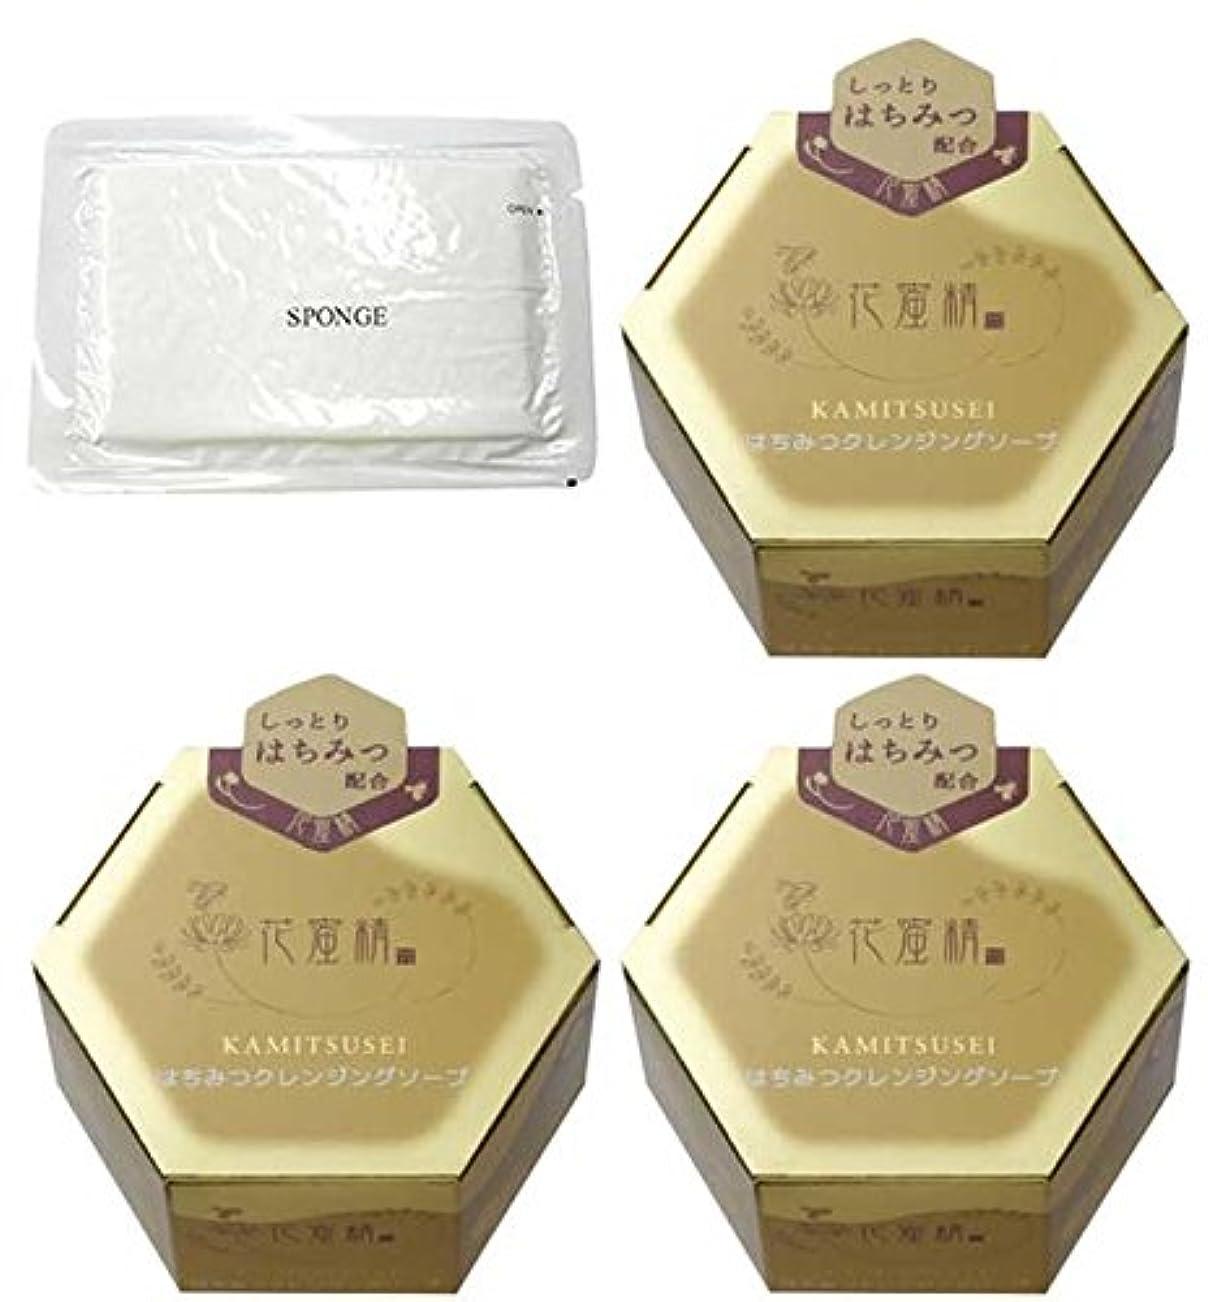 変な伝導正午花蜜精 はちみつクレンジングソープ 85g 3個 + 圧縮スポンジセット